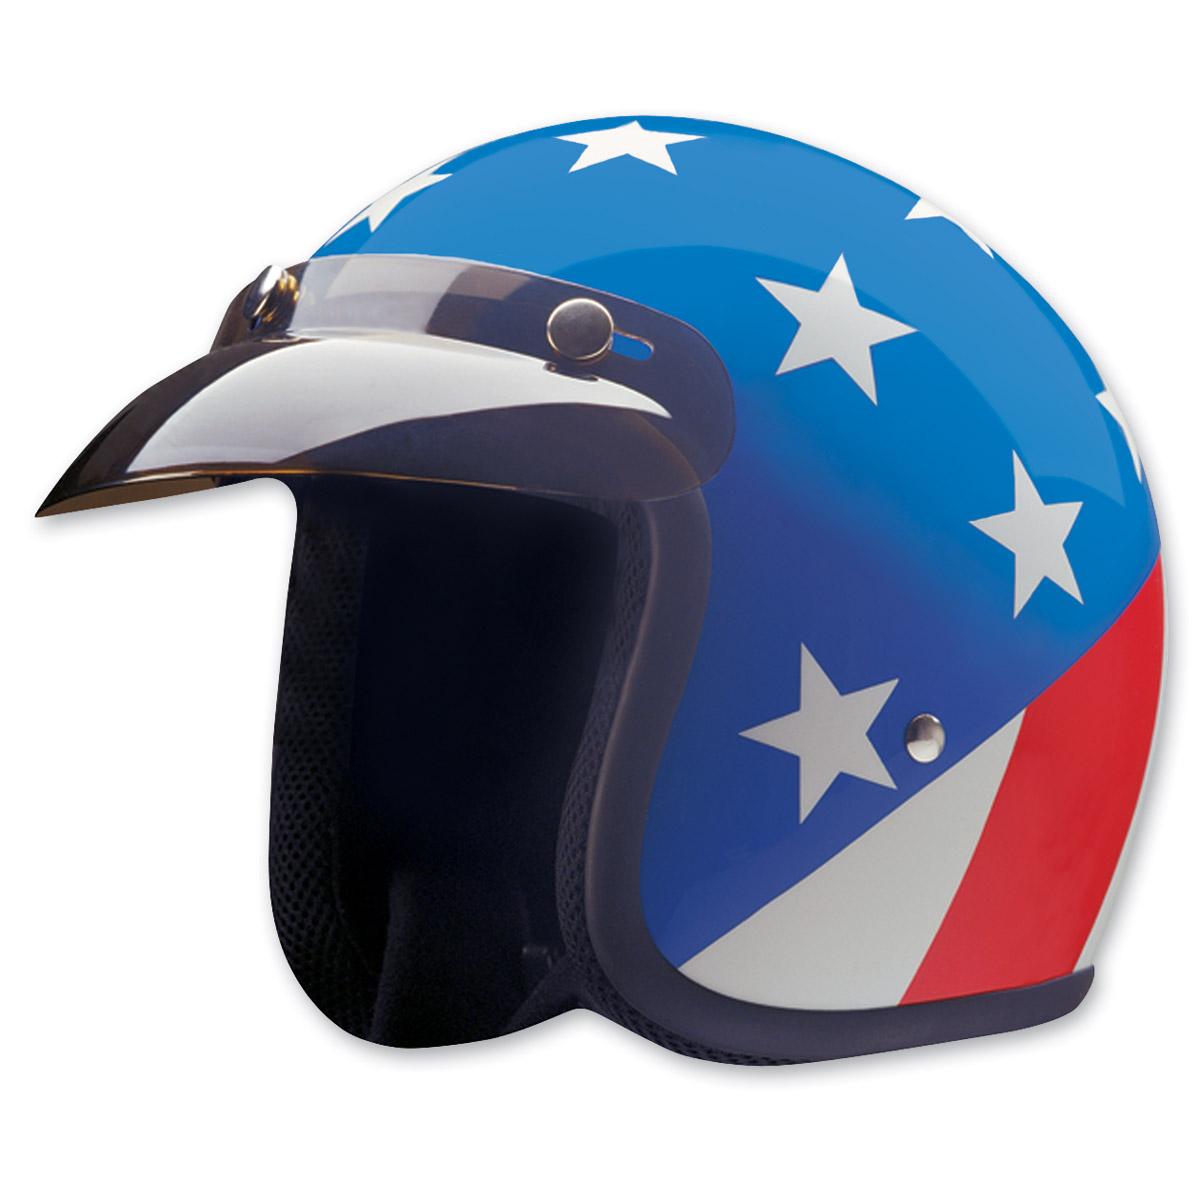 44509cbf HCI-10 Captain America Red, White and Blue Open Face Helmet - 10 ...